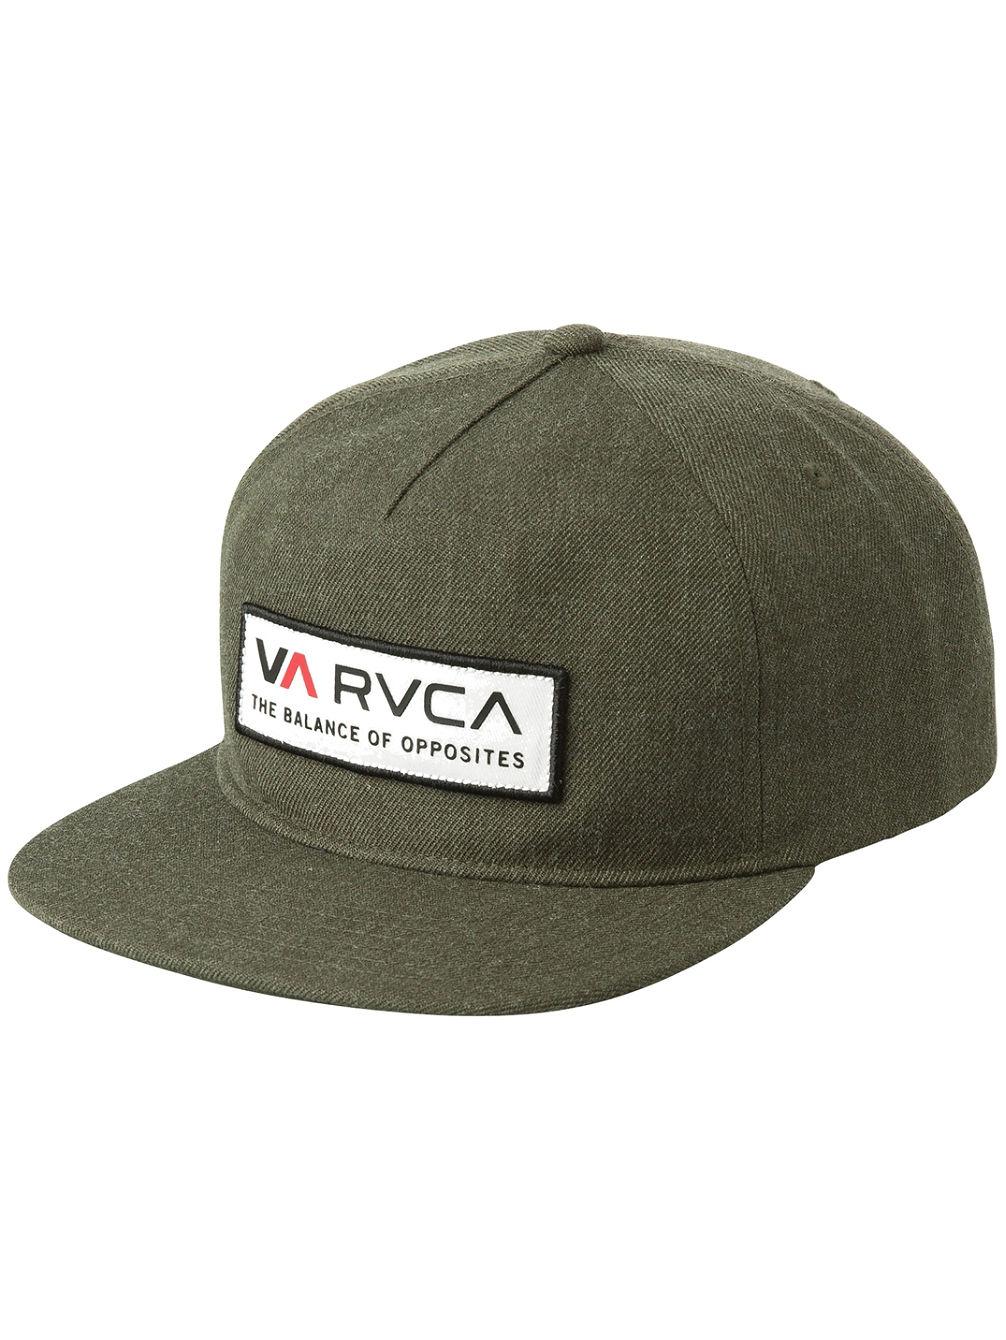 64c7d41116c26e Buy RVCA Uniform Snapback Cap online at Blue Tomato